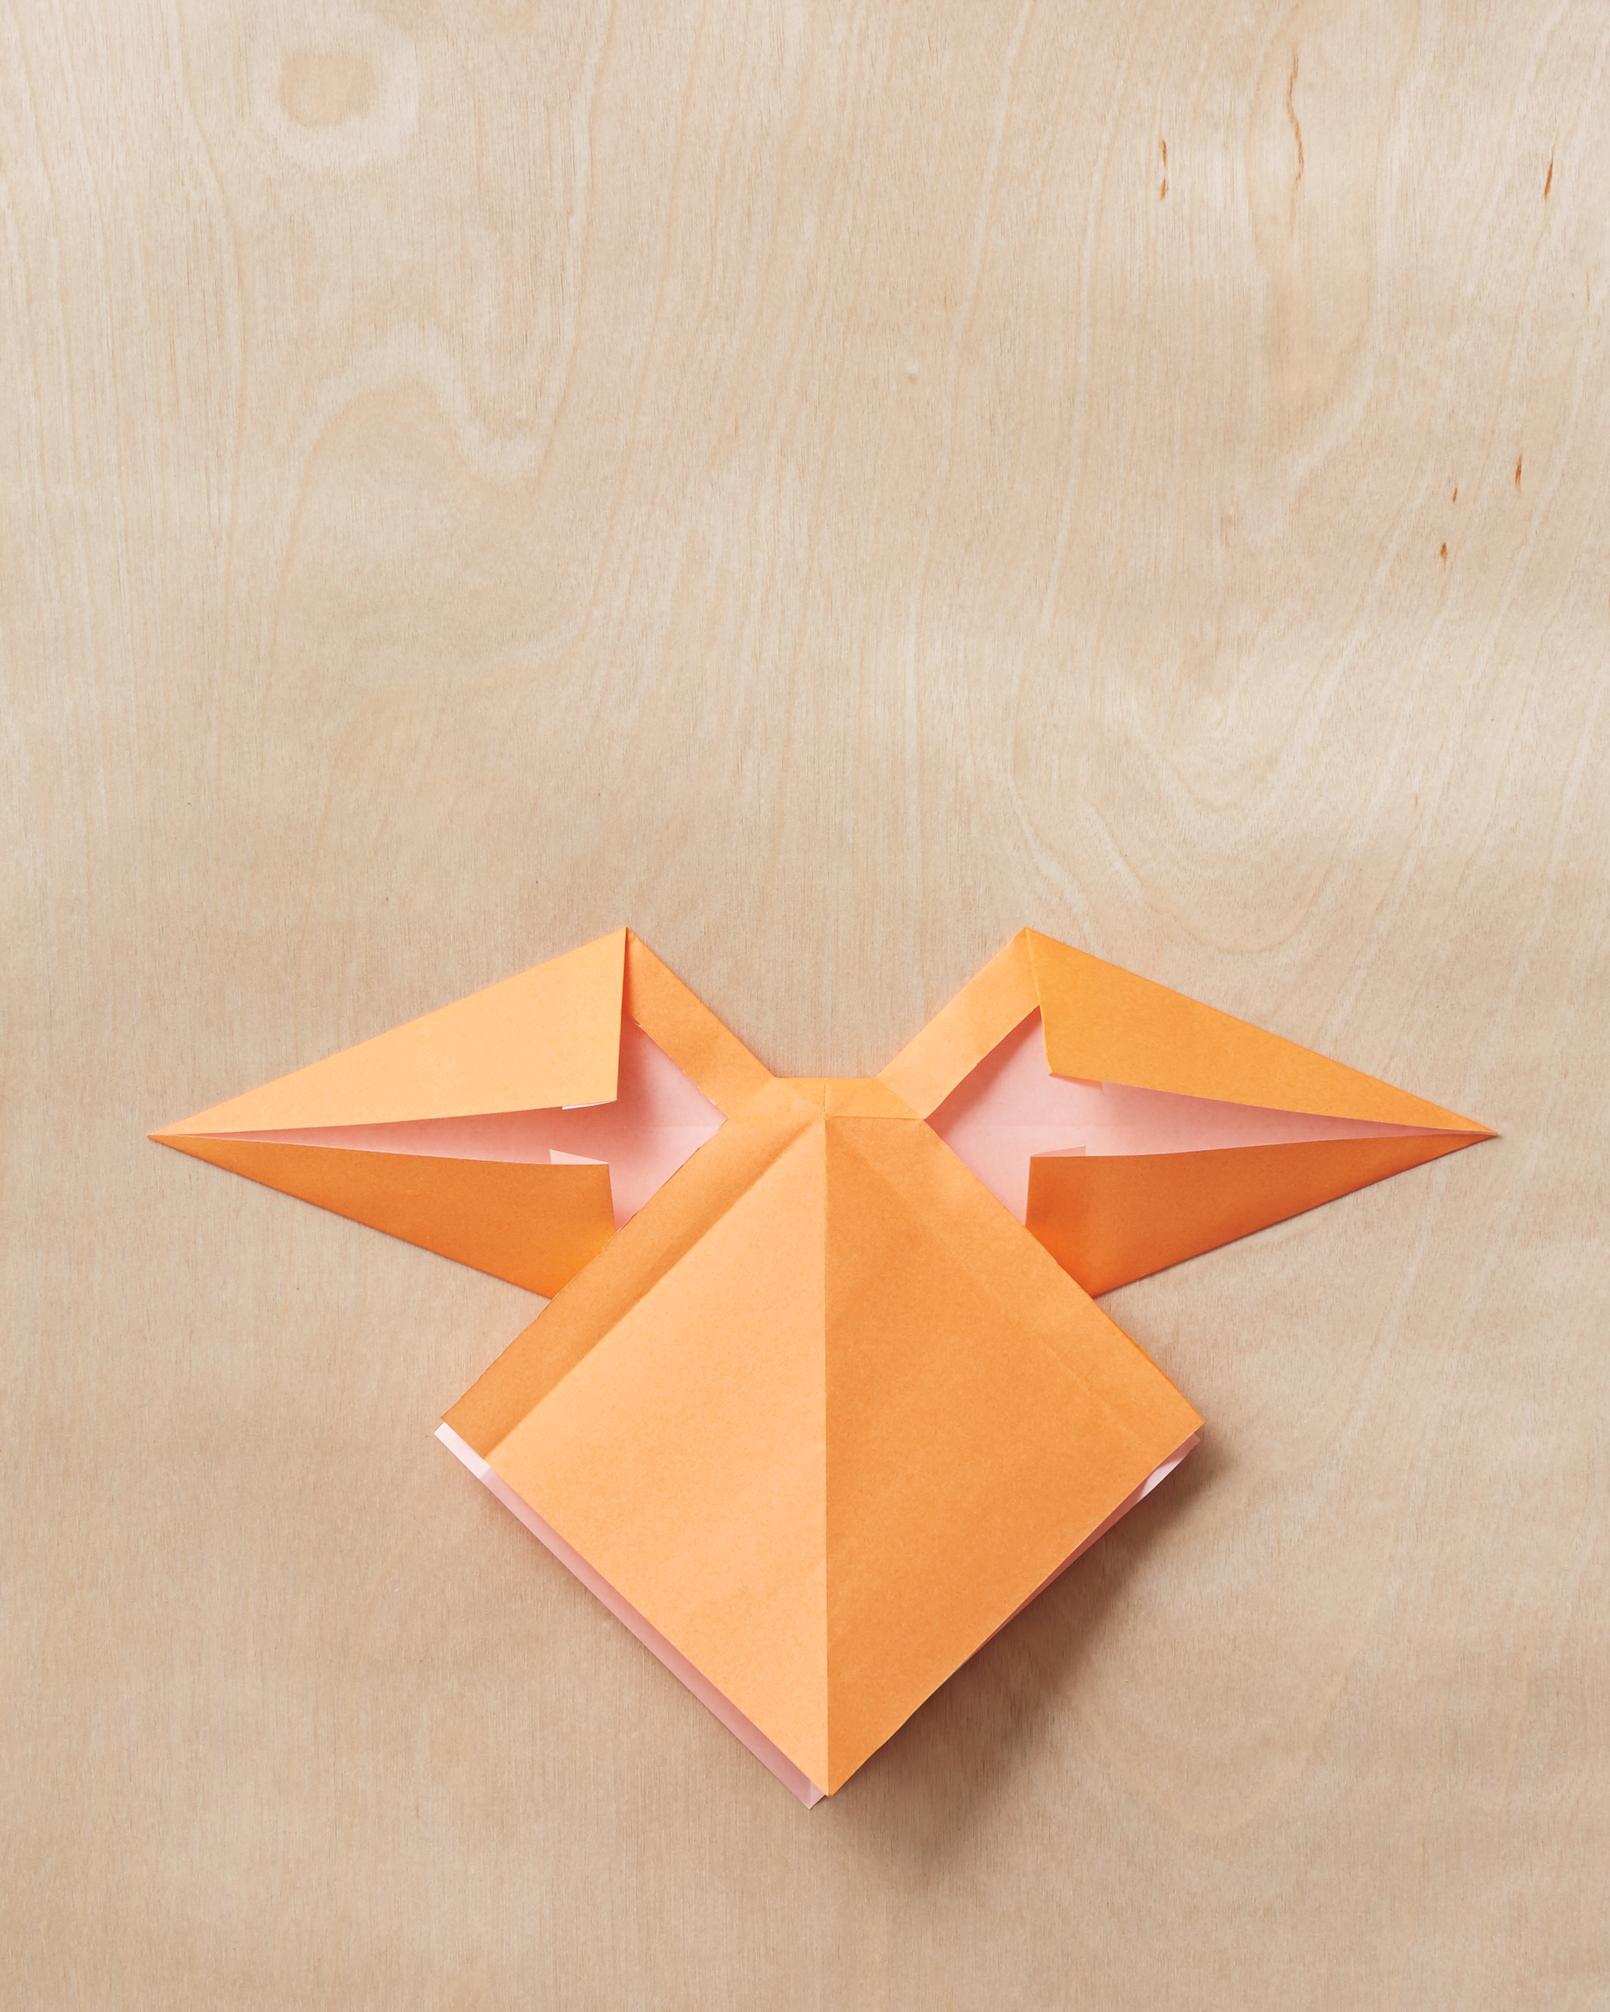 origami-bow-12-213-mwd110795.jpg